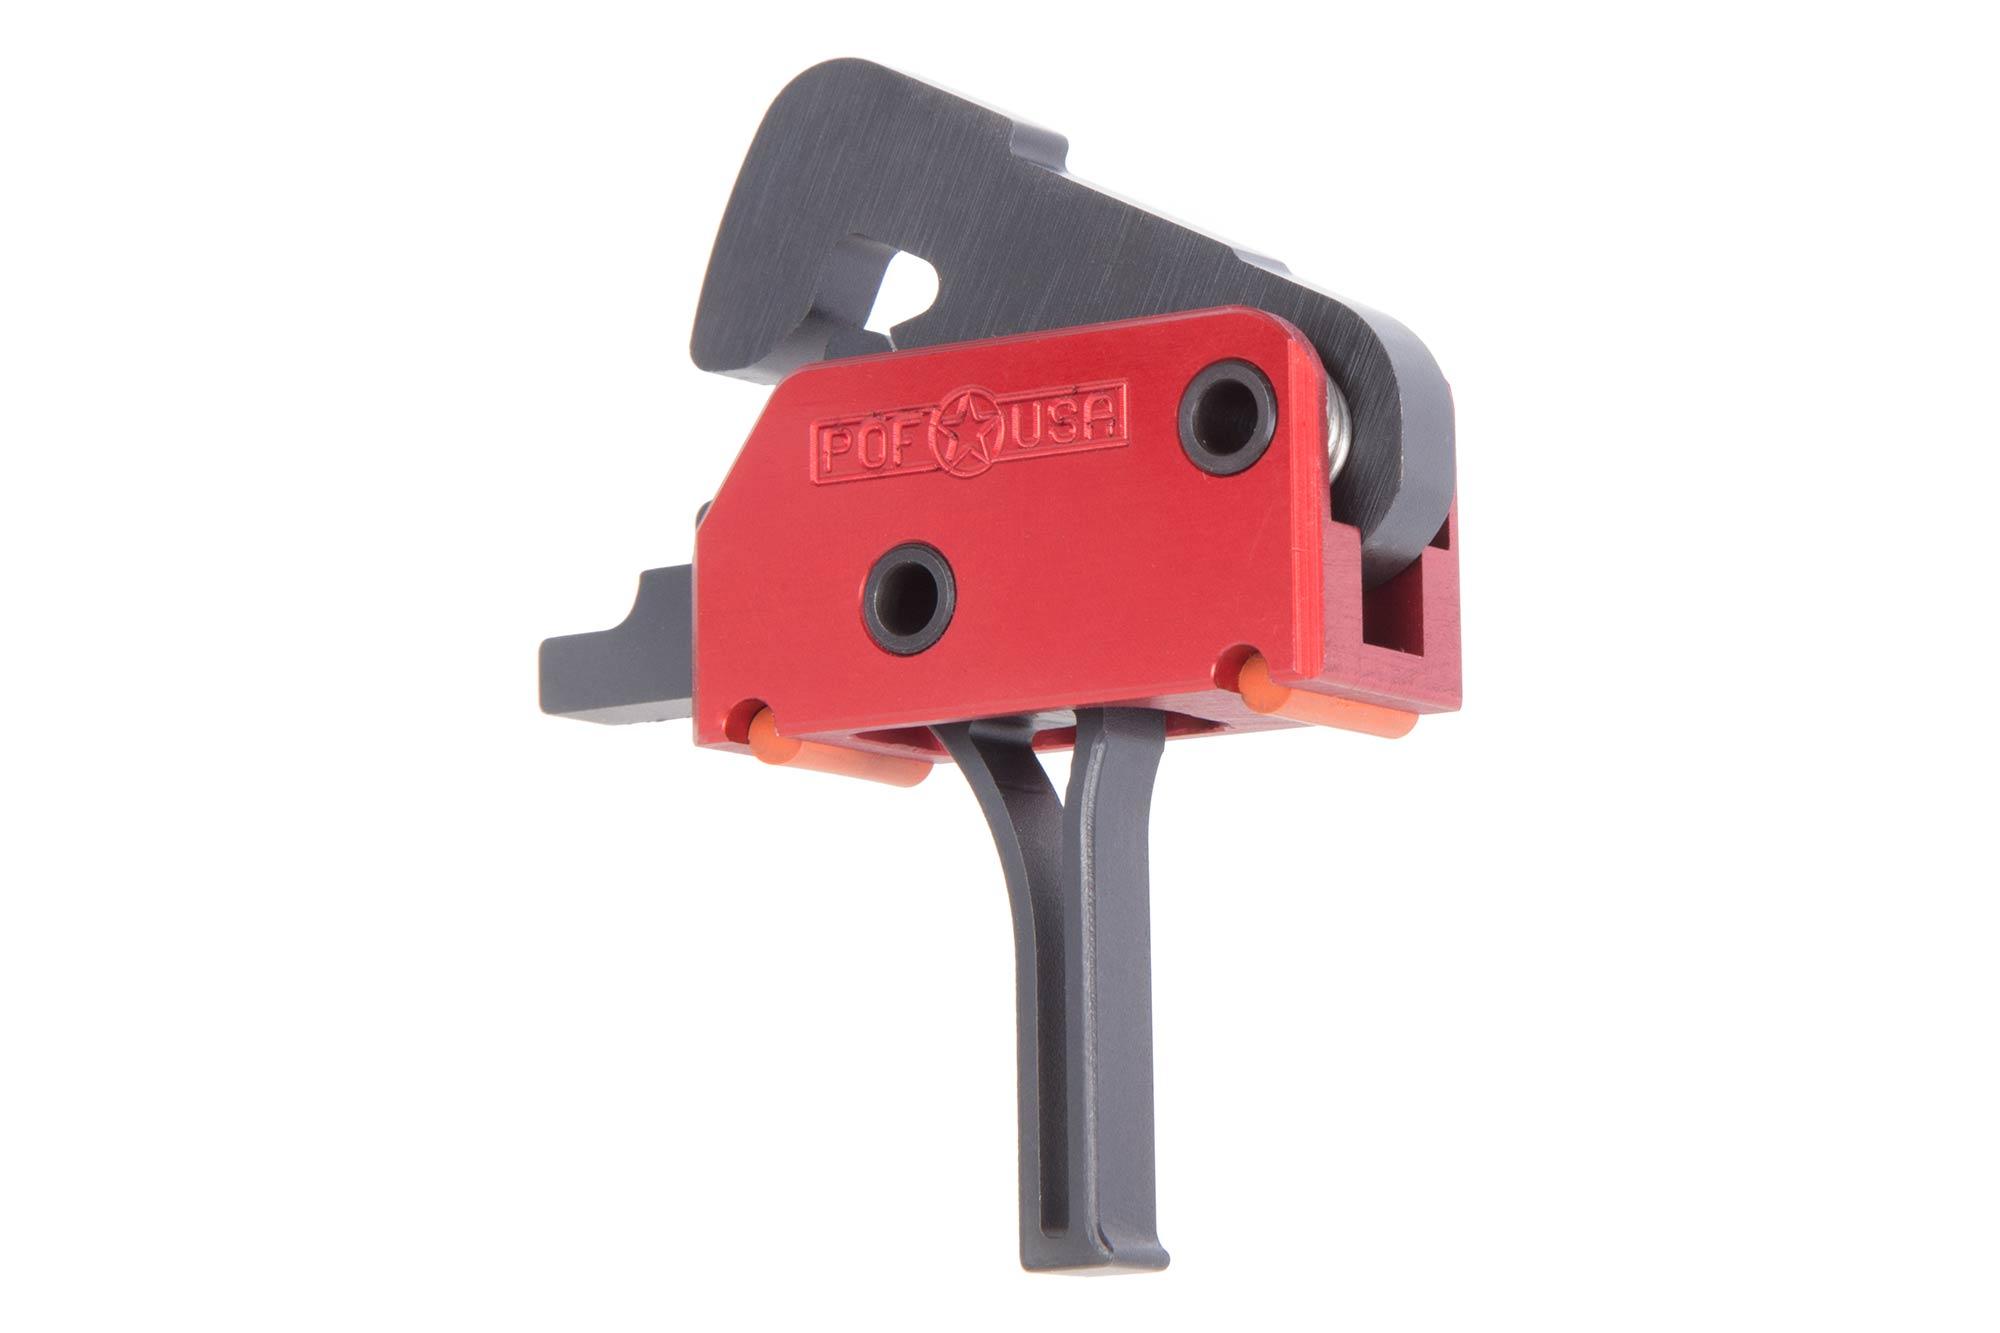 P O F  USA Drop In Trigger 3 5LB - Flat - $119 99